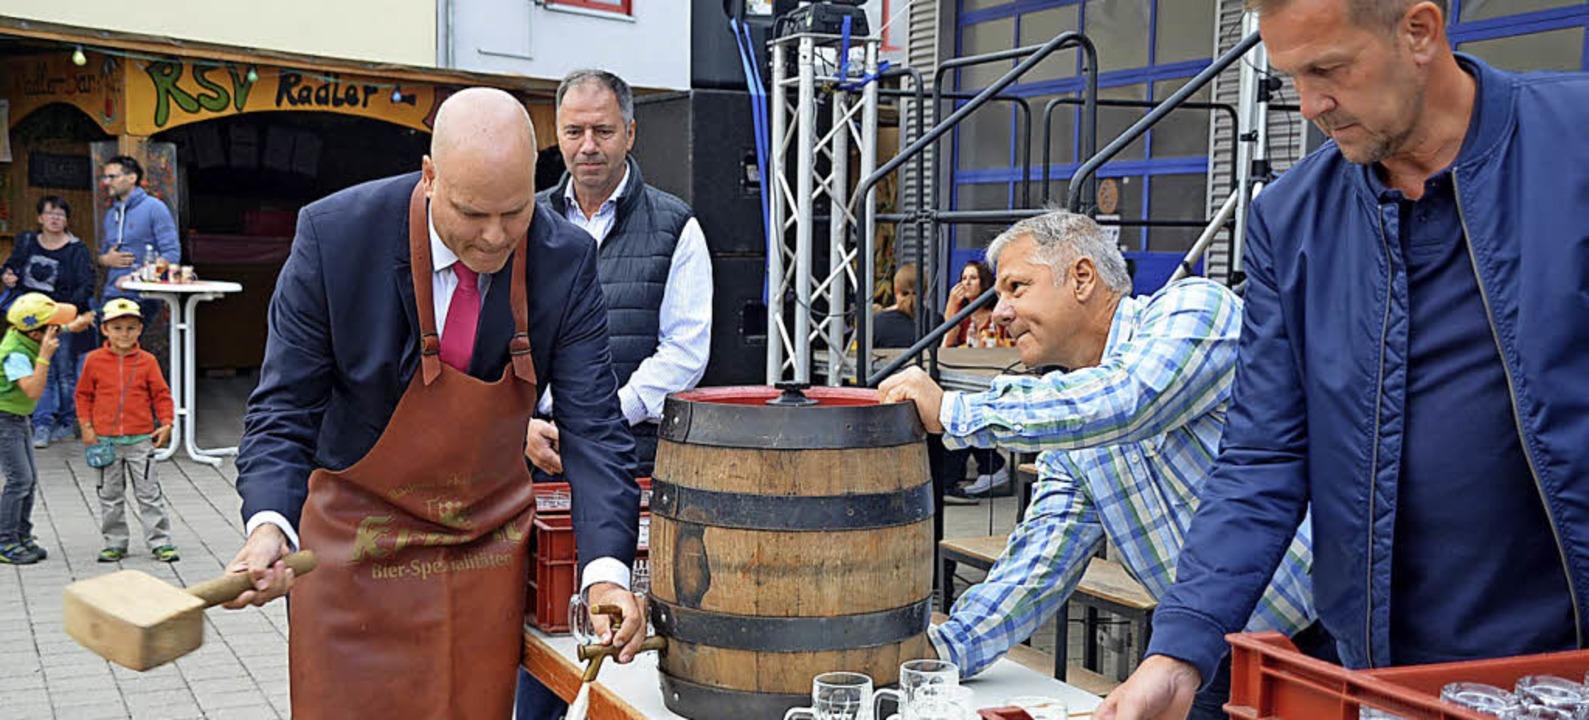 Bürgermeister Jürgen Louis beim Fassanstich   | Foto: Jörg Schimanski